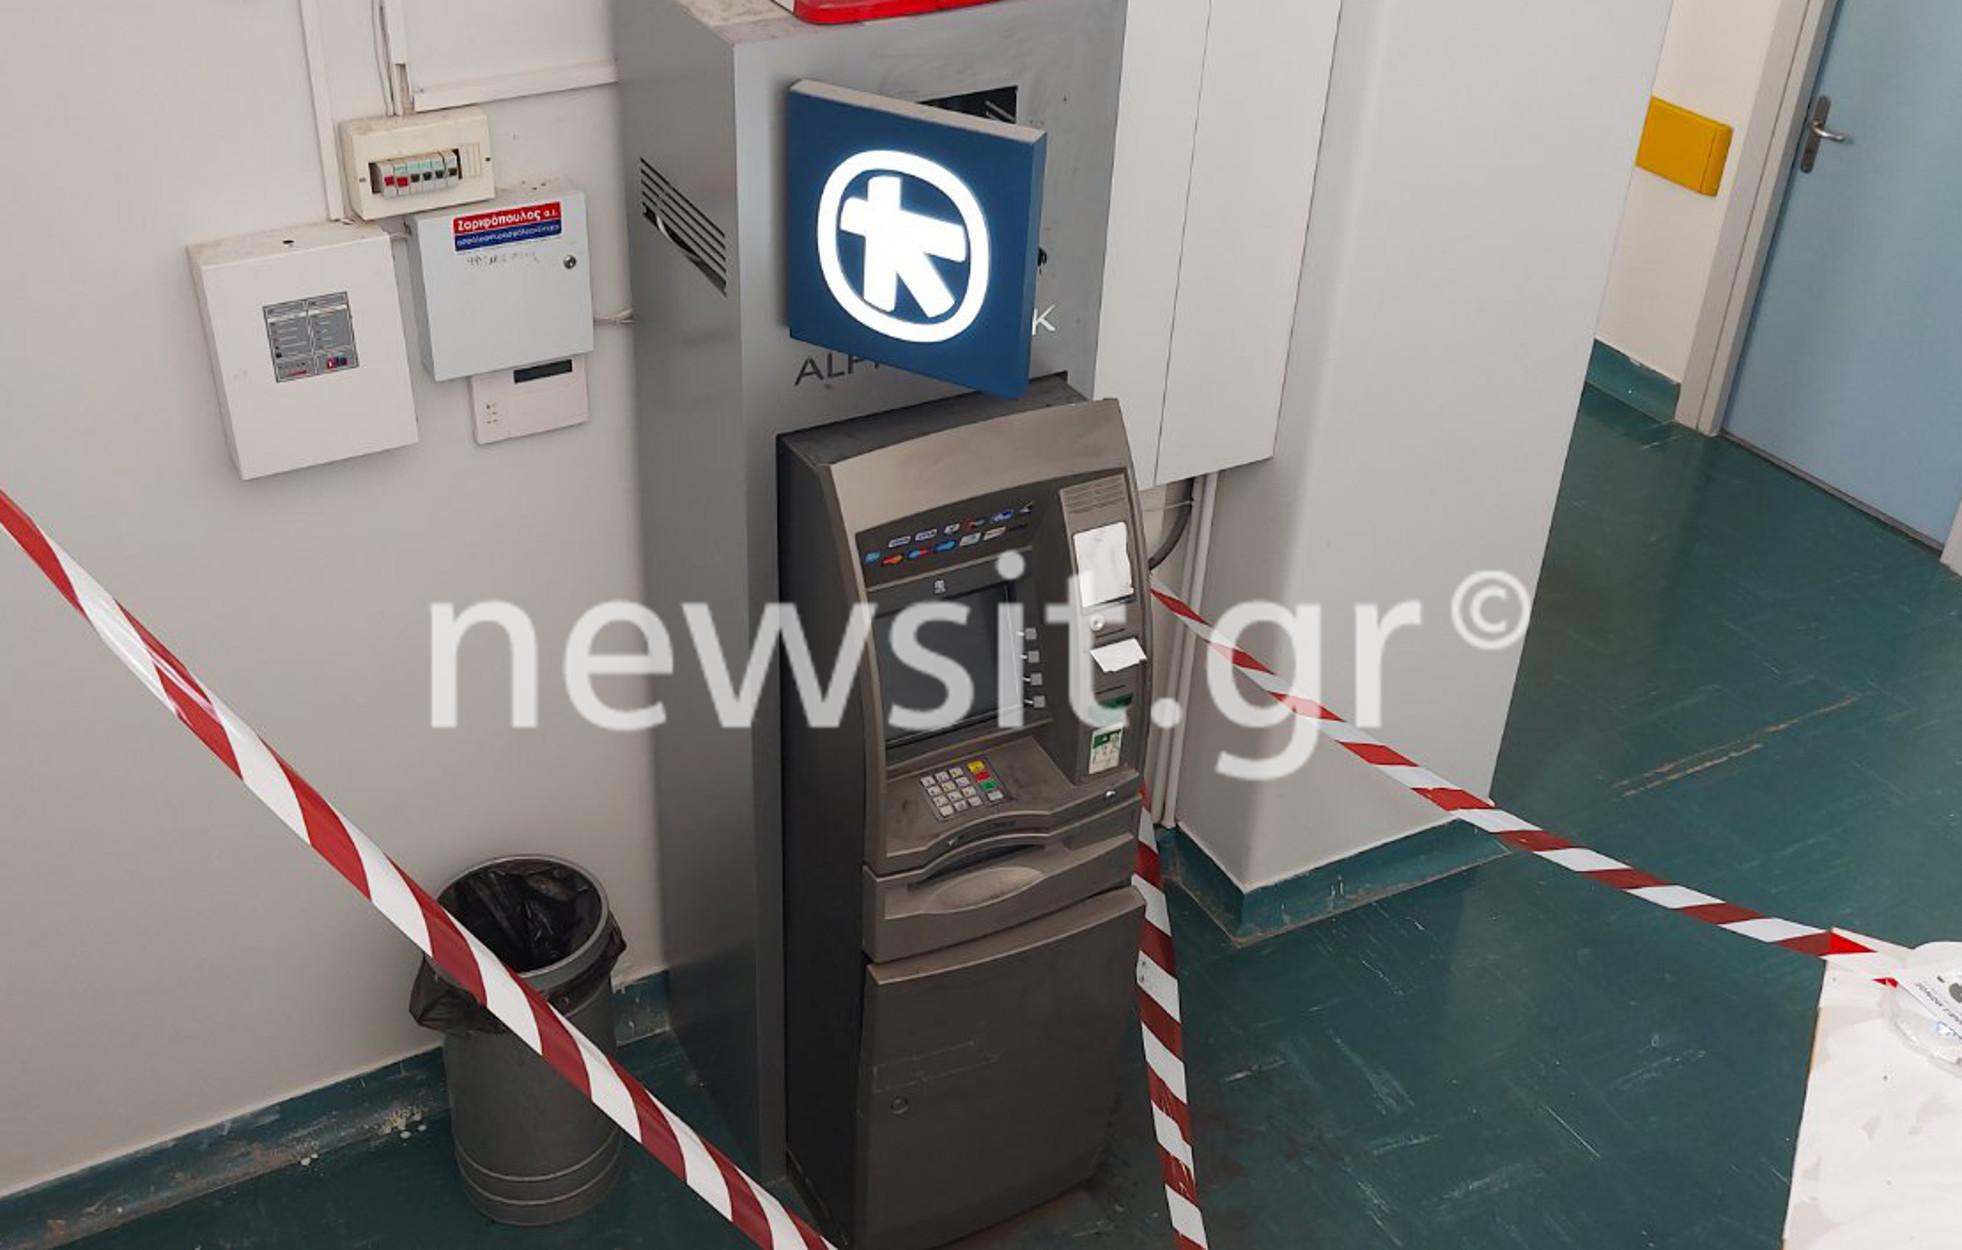 Νοσοκομείο Παίδων: Παρίστανε τον… συντηρητή ATM και προσπάθησε να το «ξαφρίσει» (pics)